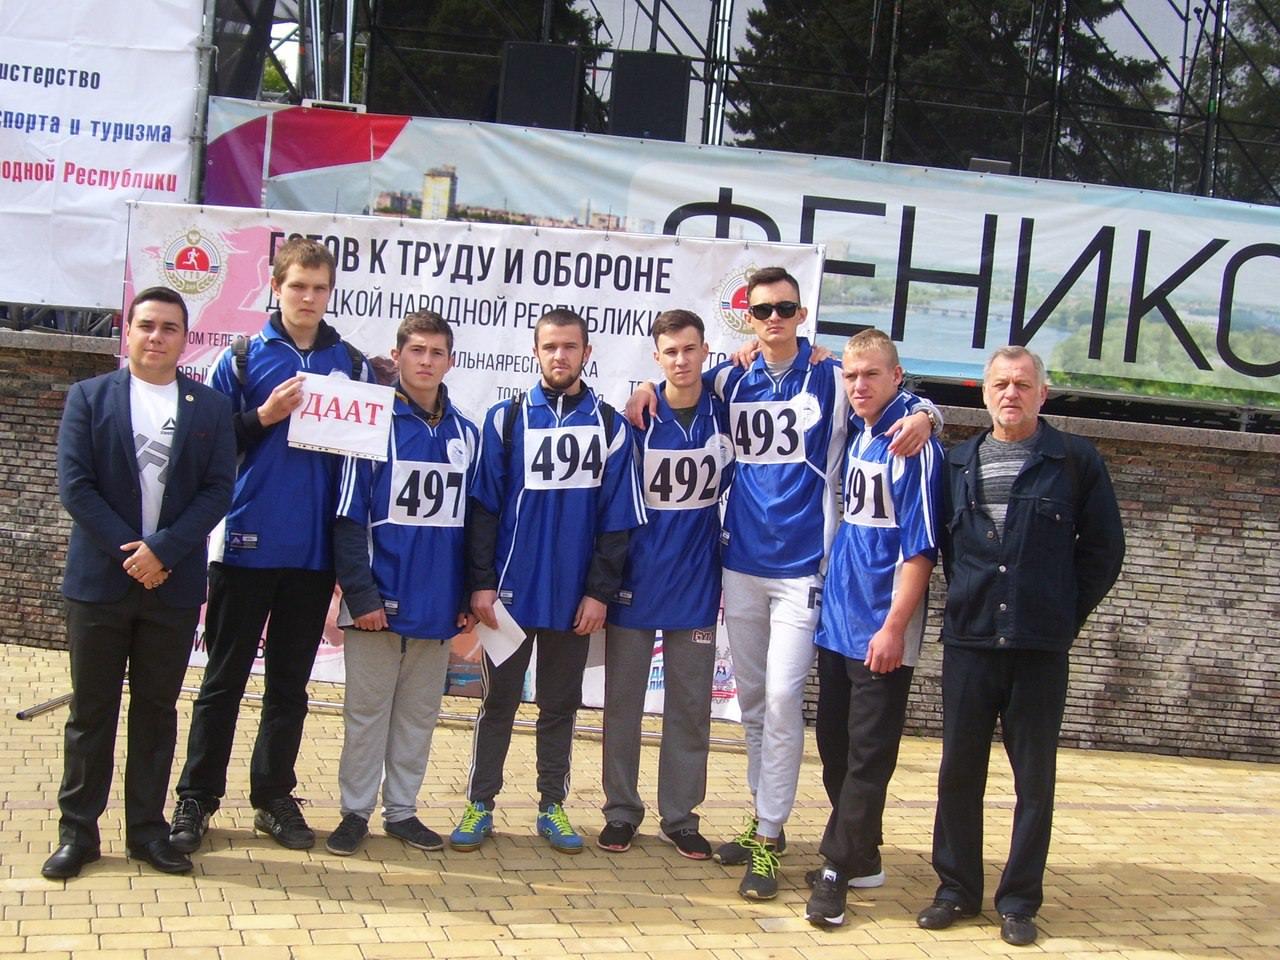 Участие в Республиканском спортивном фестивале «ГТО ДНР»